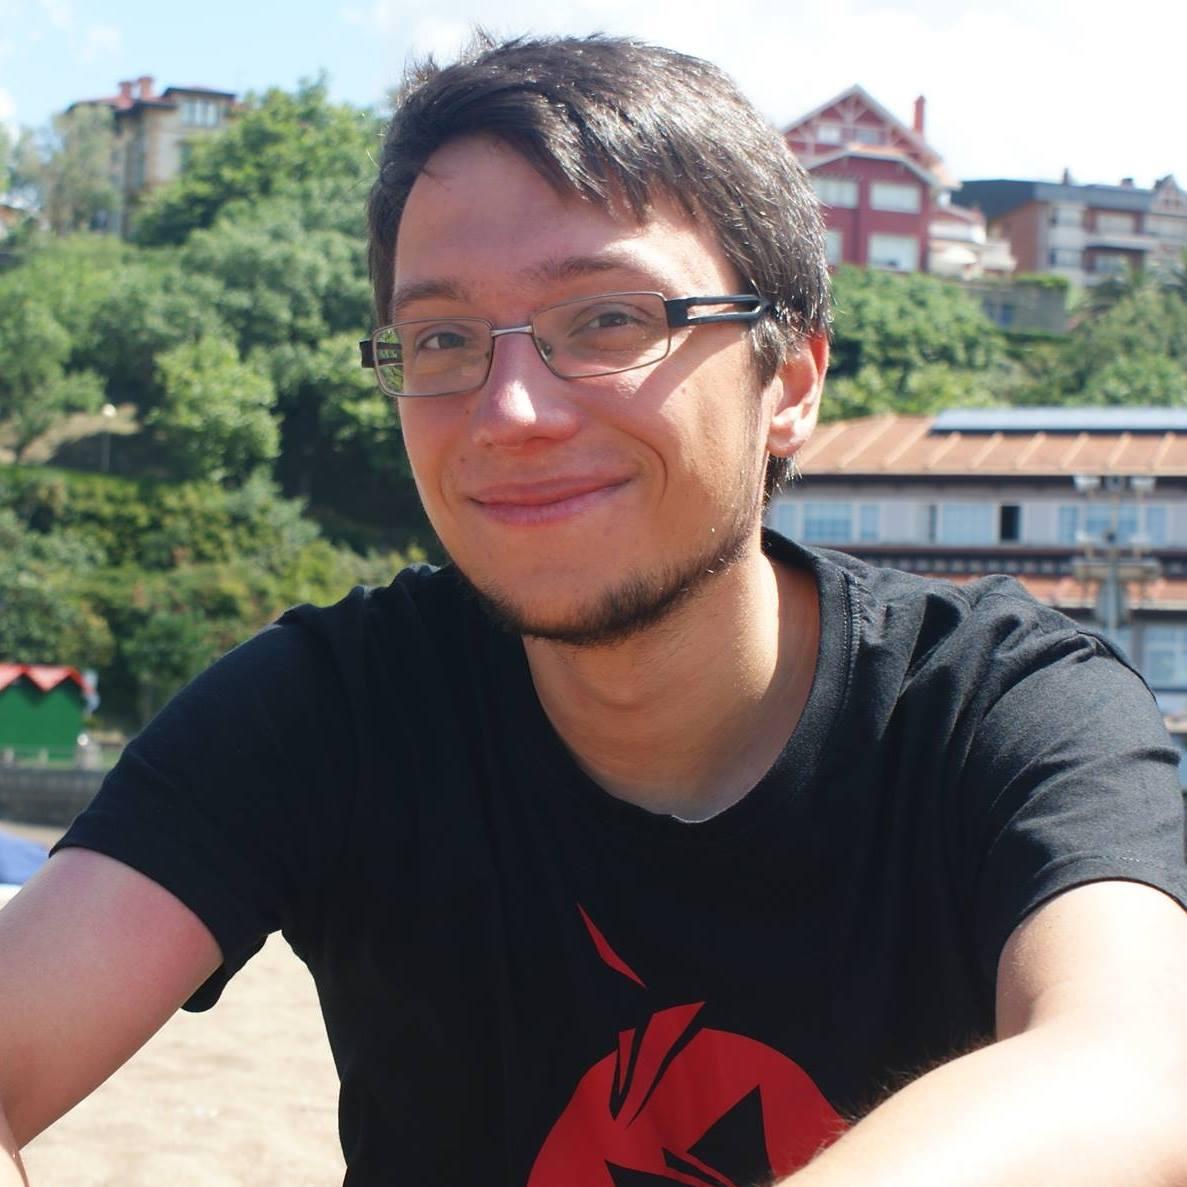 Karol Derejczyk